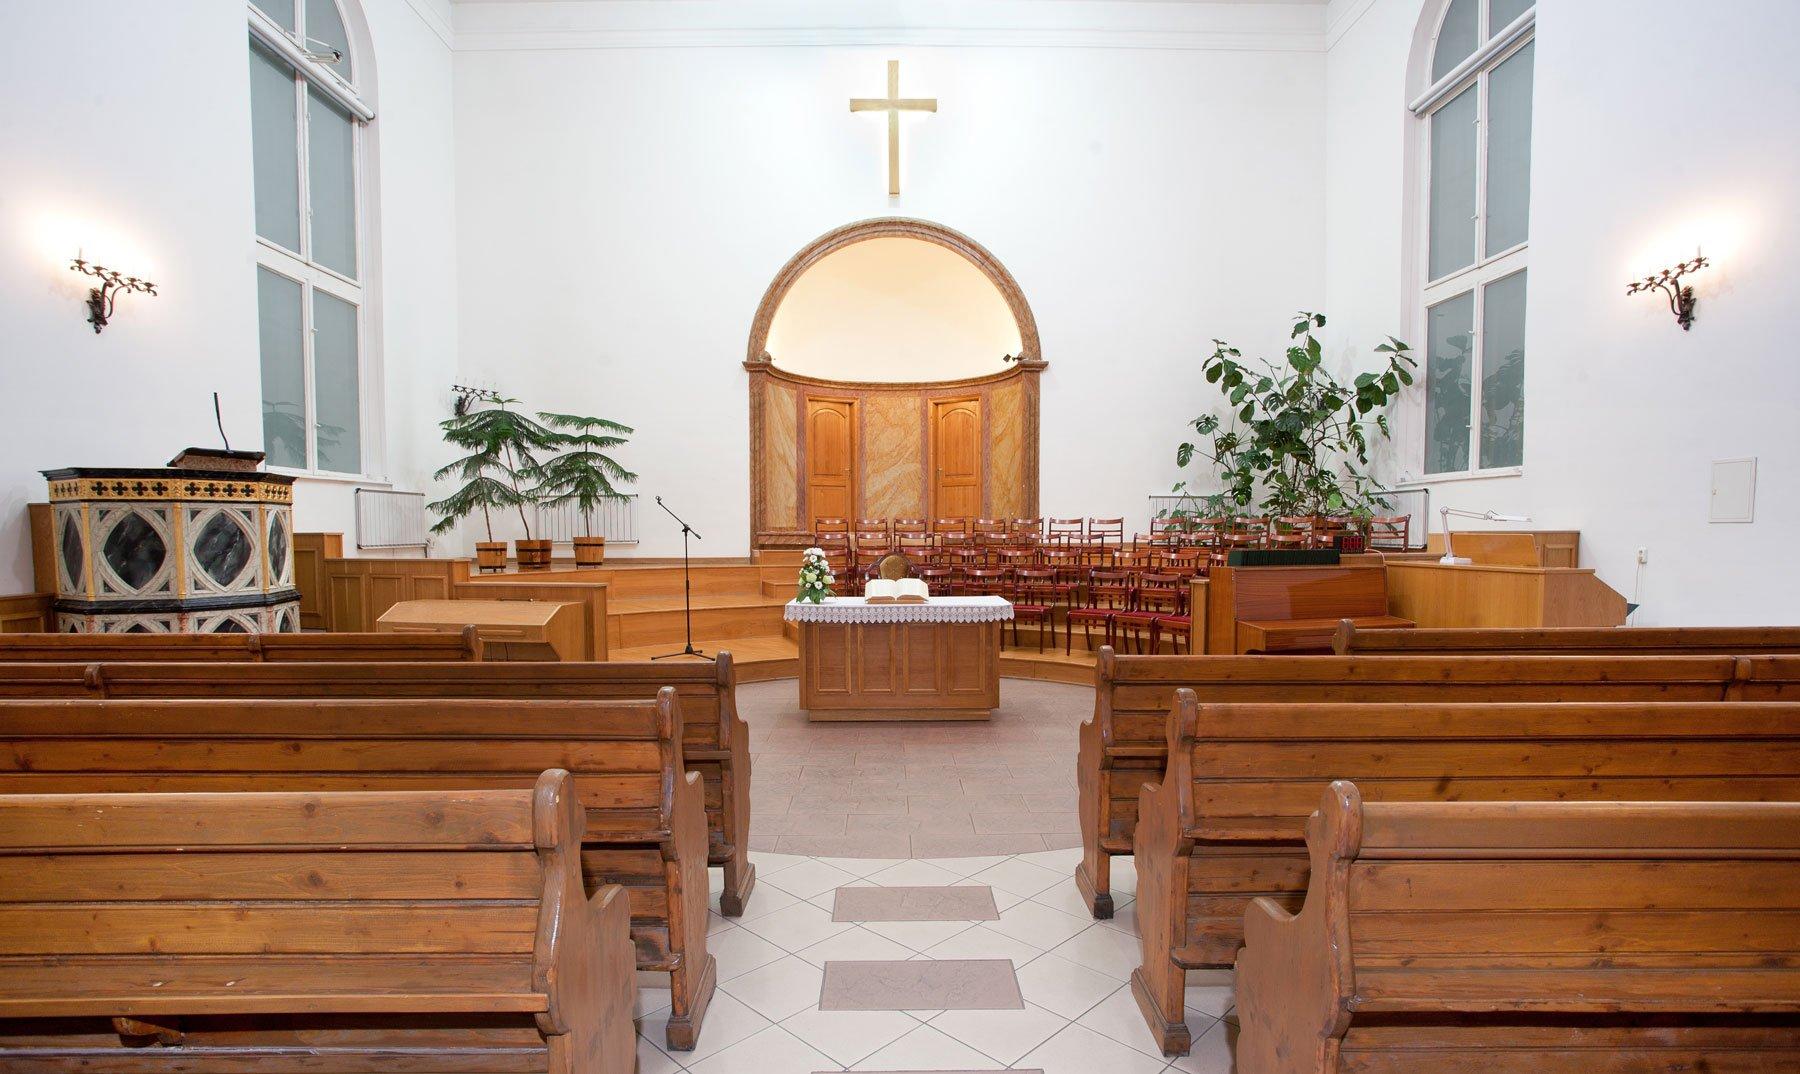 una chiesa vista dall'interno